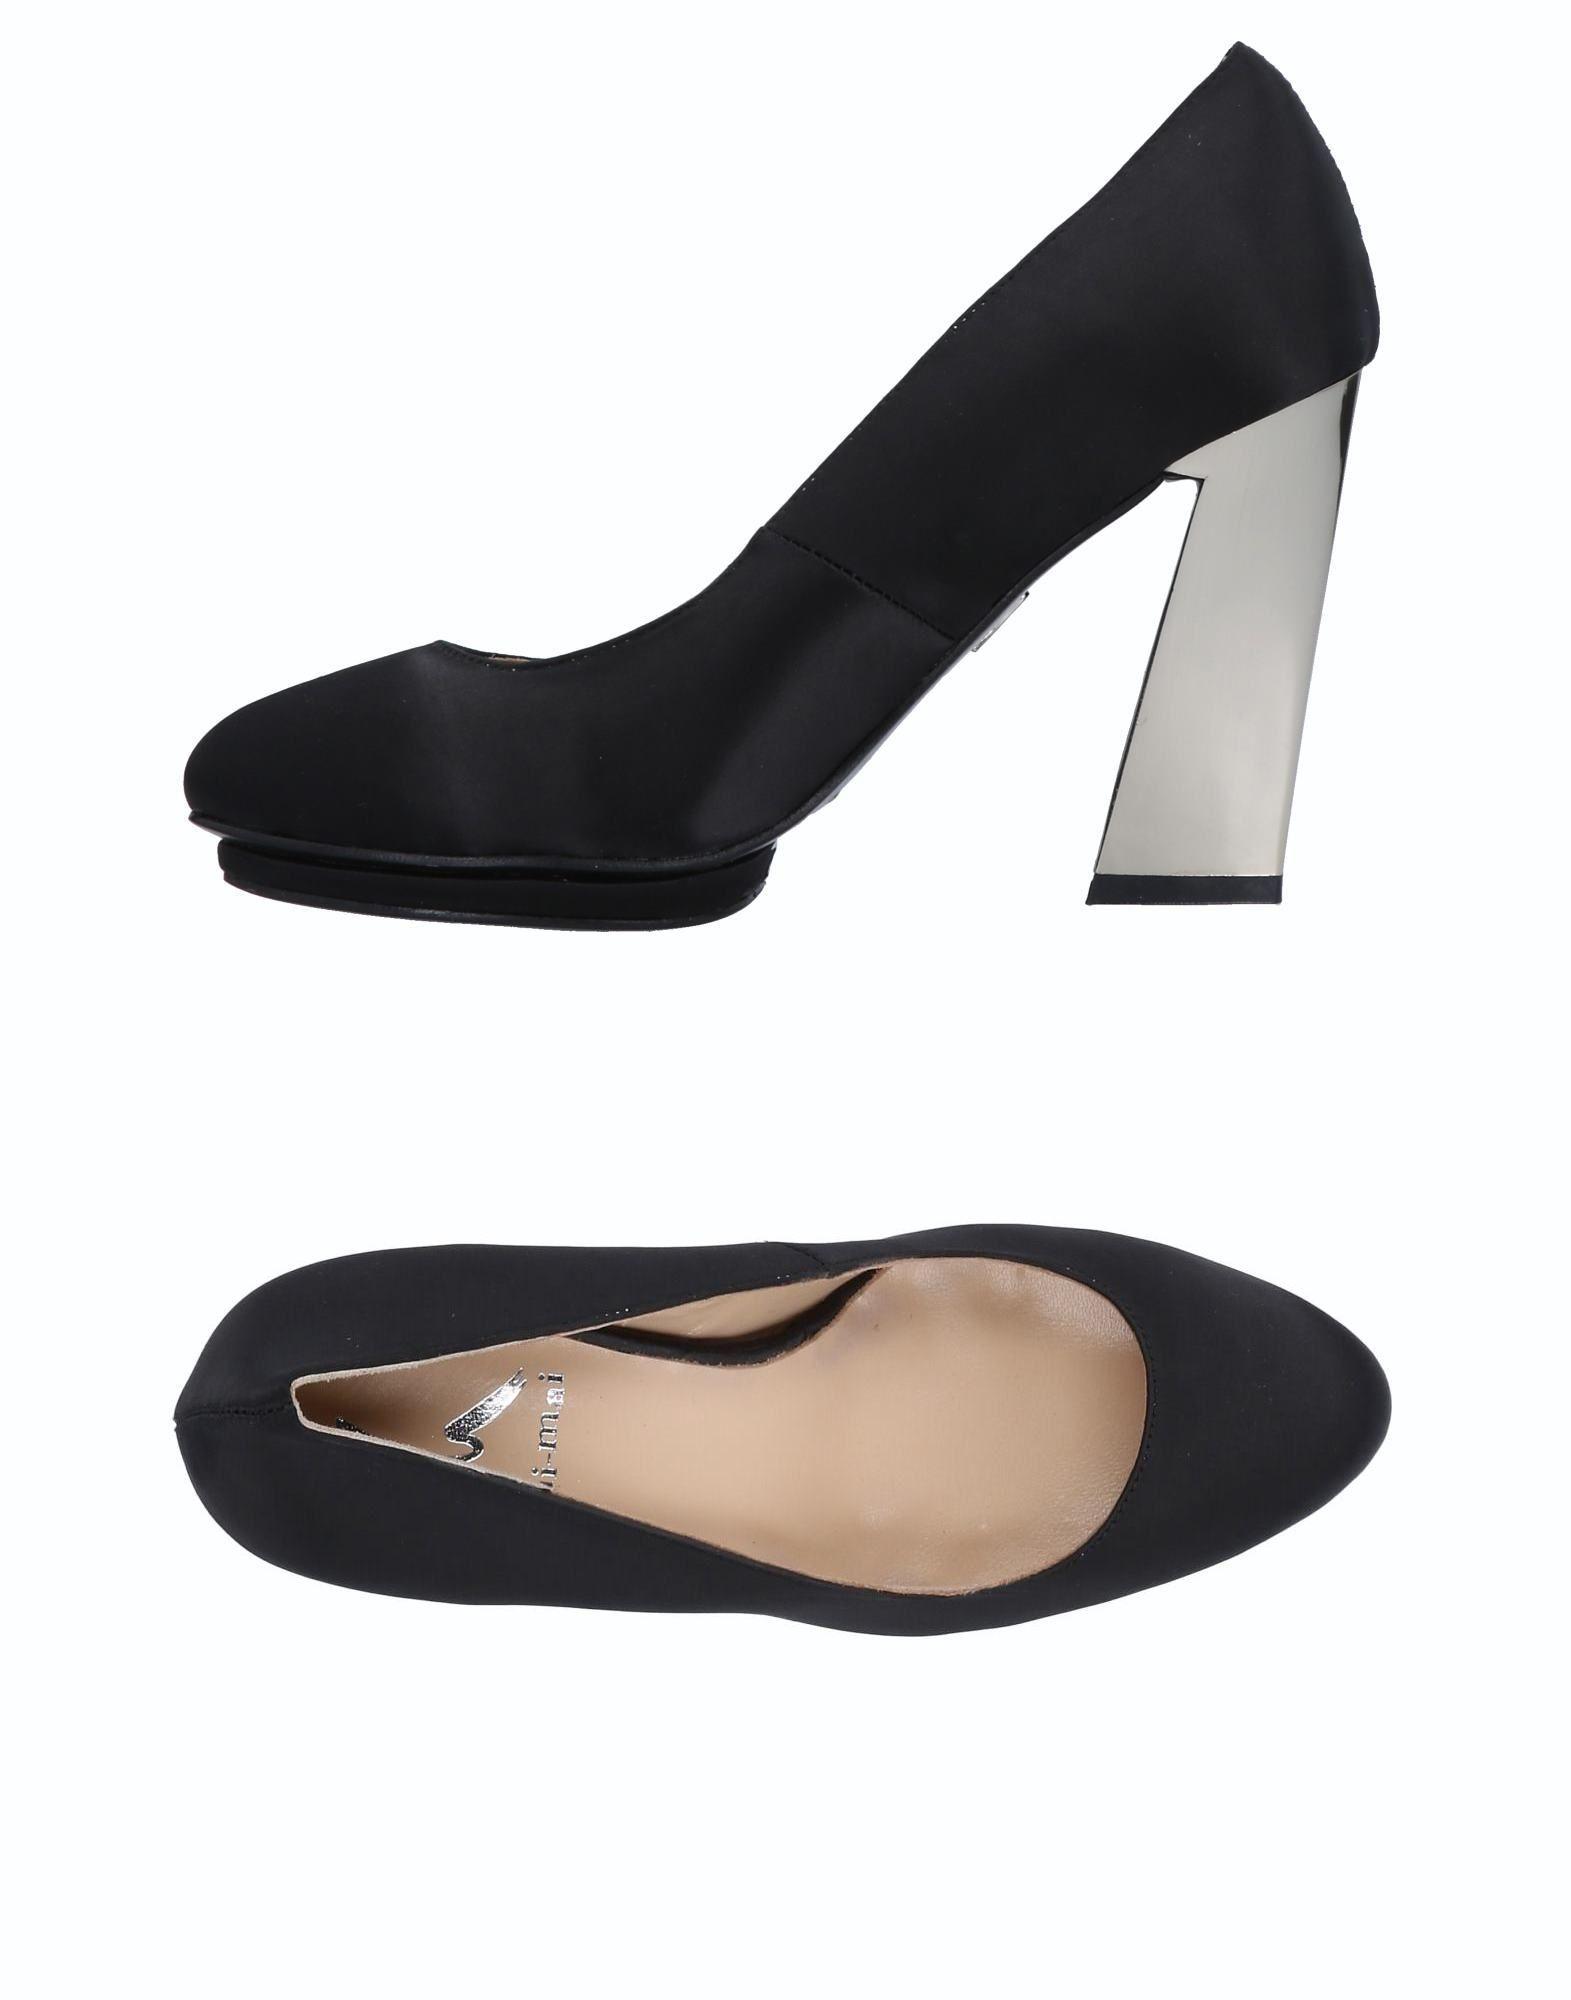 цены на MI/MAI Туфли в интернет-магазинах